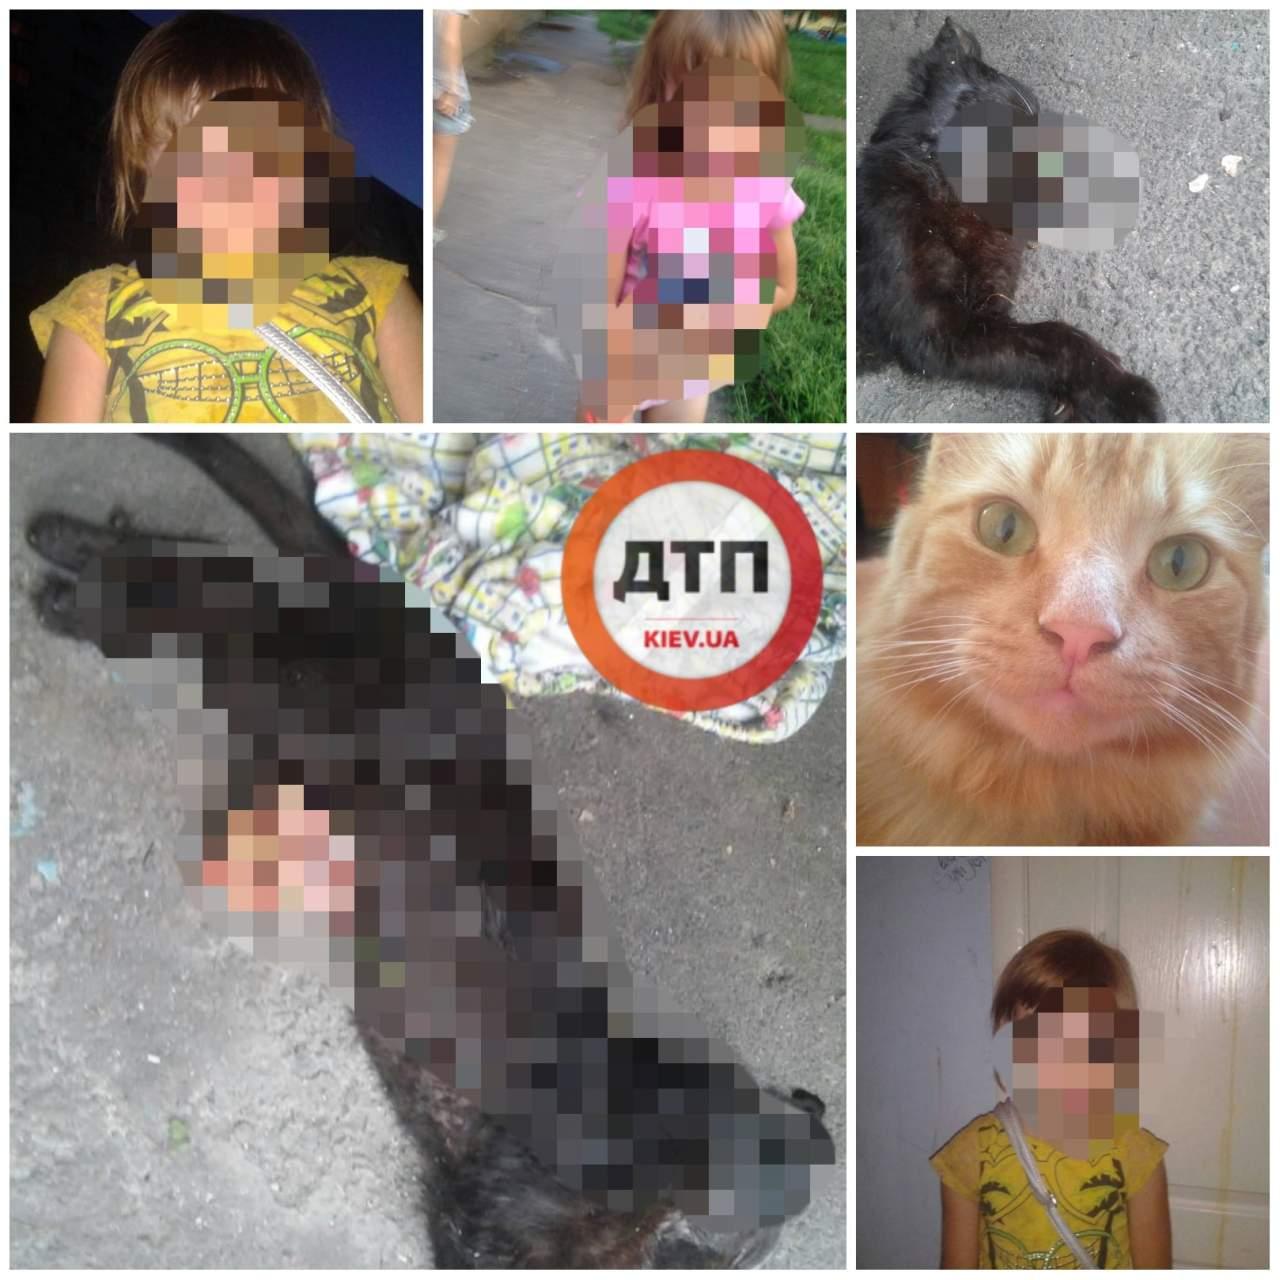 В Киеве 6-летняя девочка убивает животных и вынимает из них кишки (фото 18+)